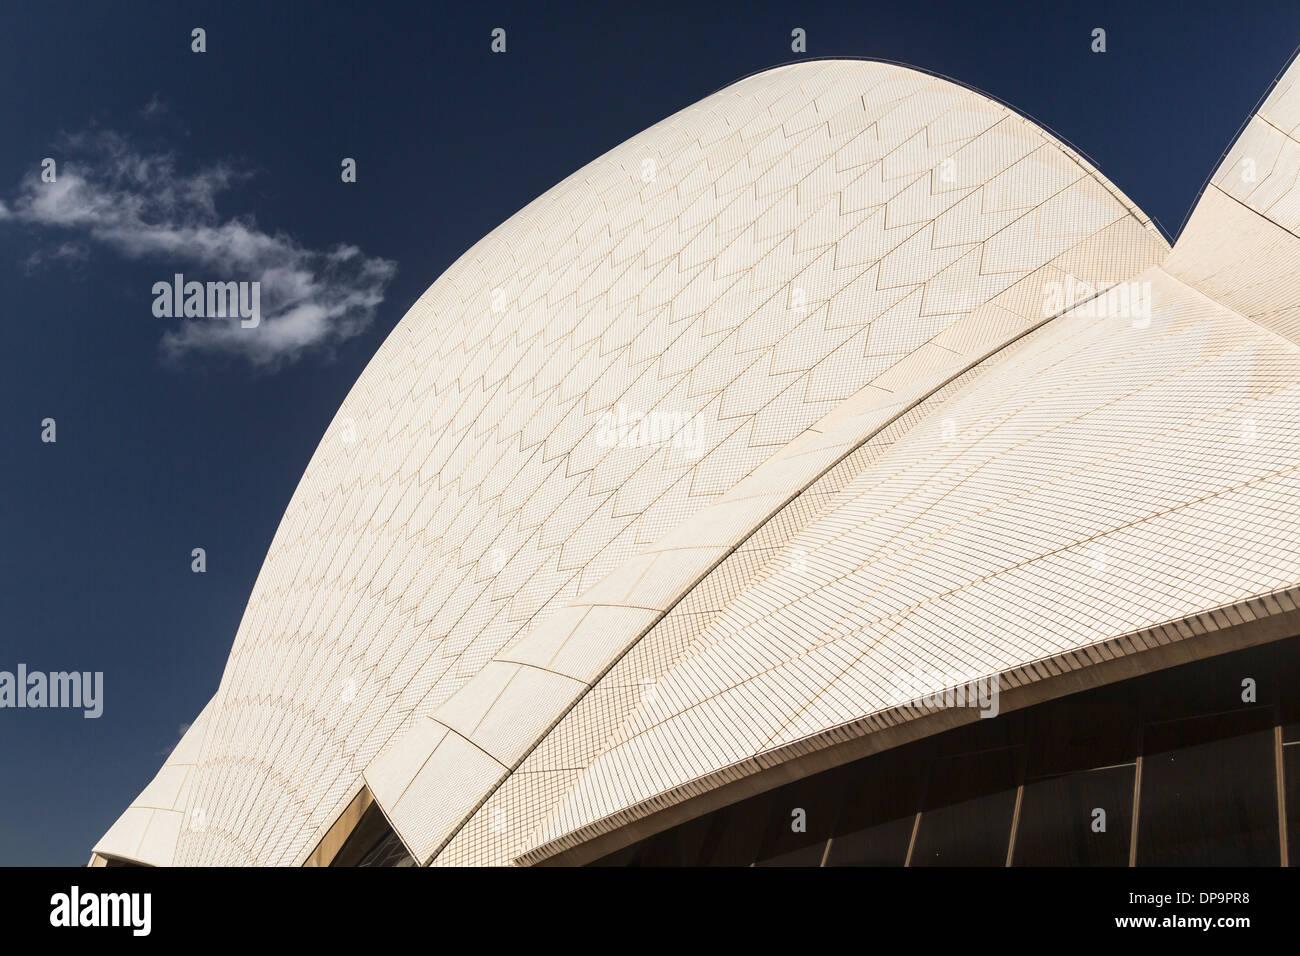 Des détails architecturaux de l'architecture moderne de la toiture de l'Opéra de Sydney, Australie Photo Stock